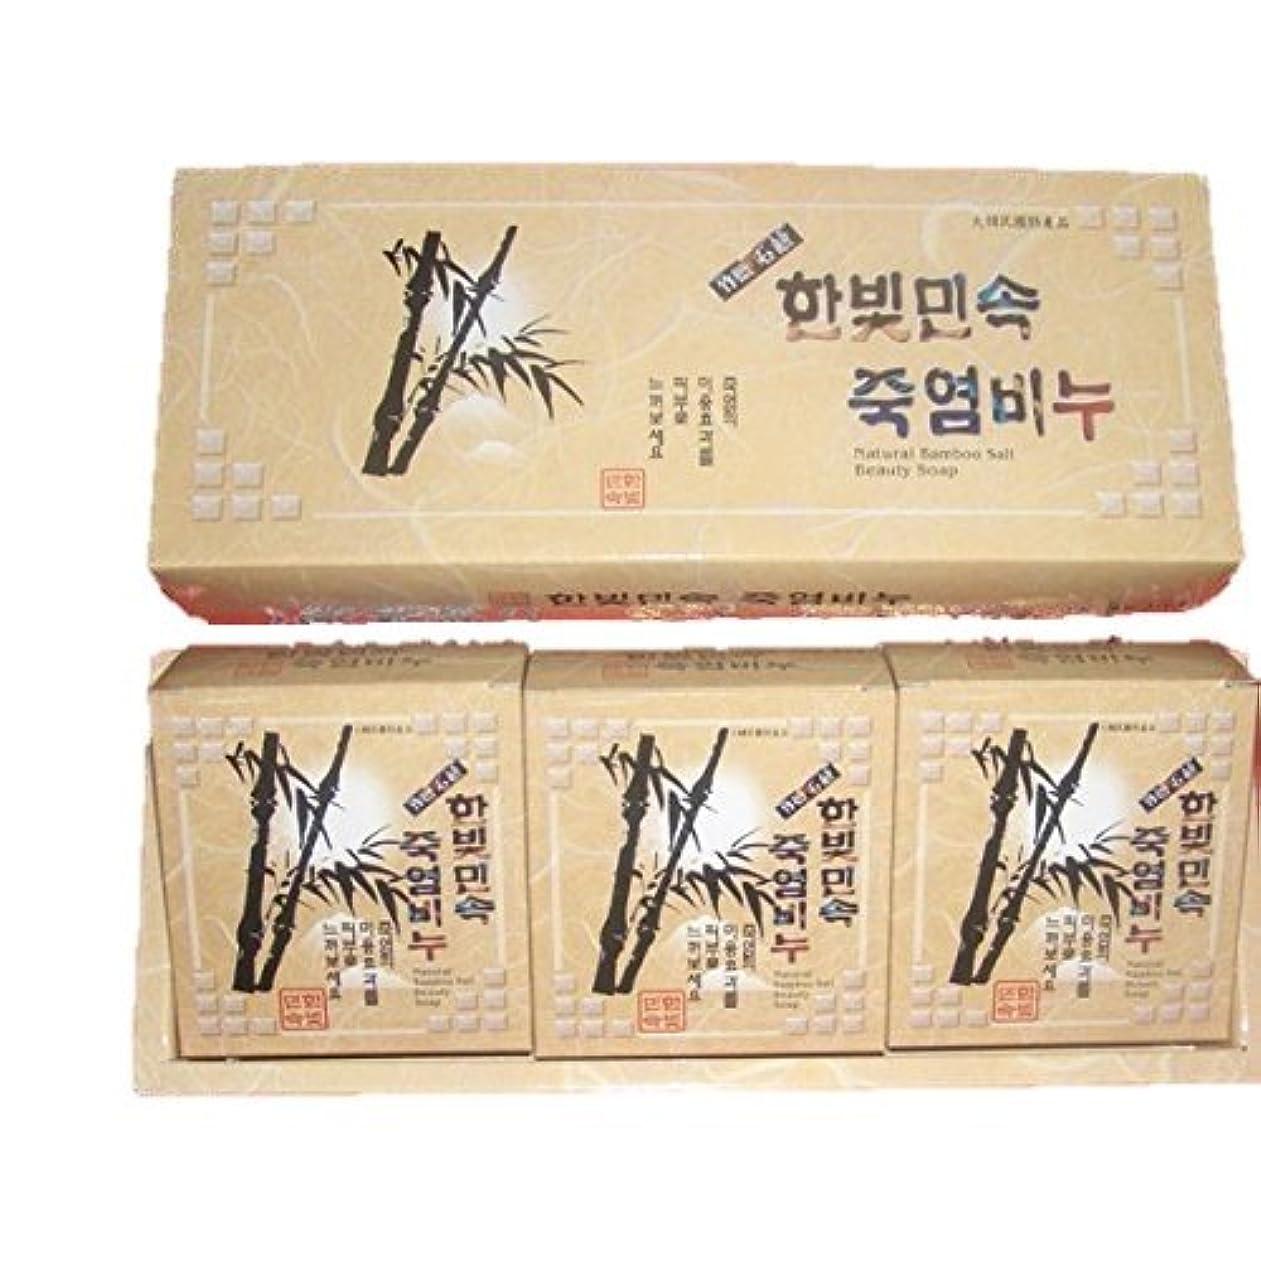 溶けるご飯トムオードリース(韓国ブランド) 竹塩石鹸 (3個×3セット)